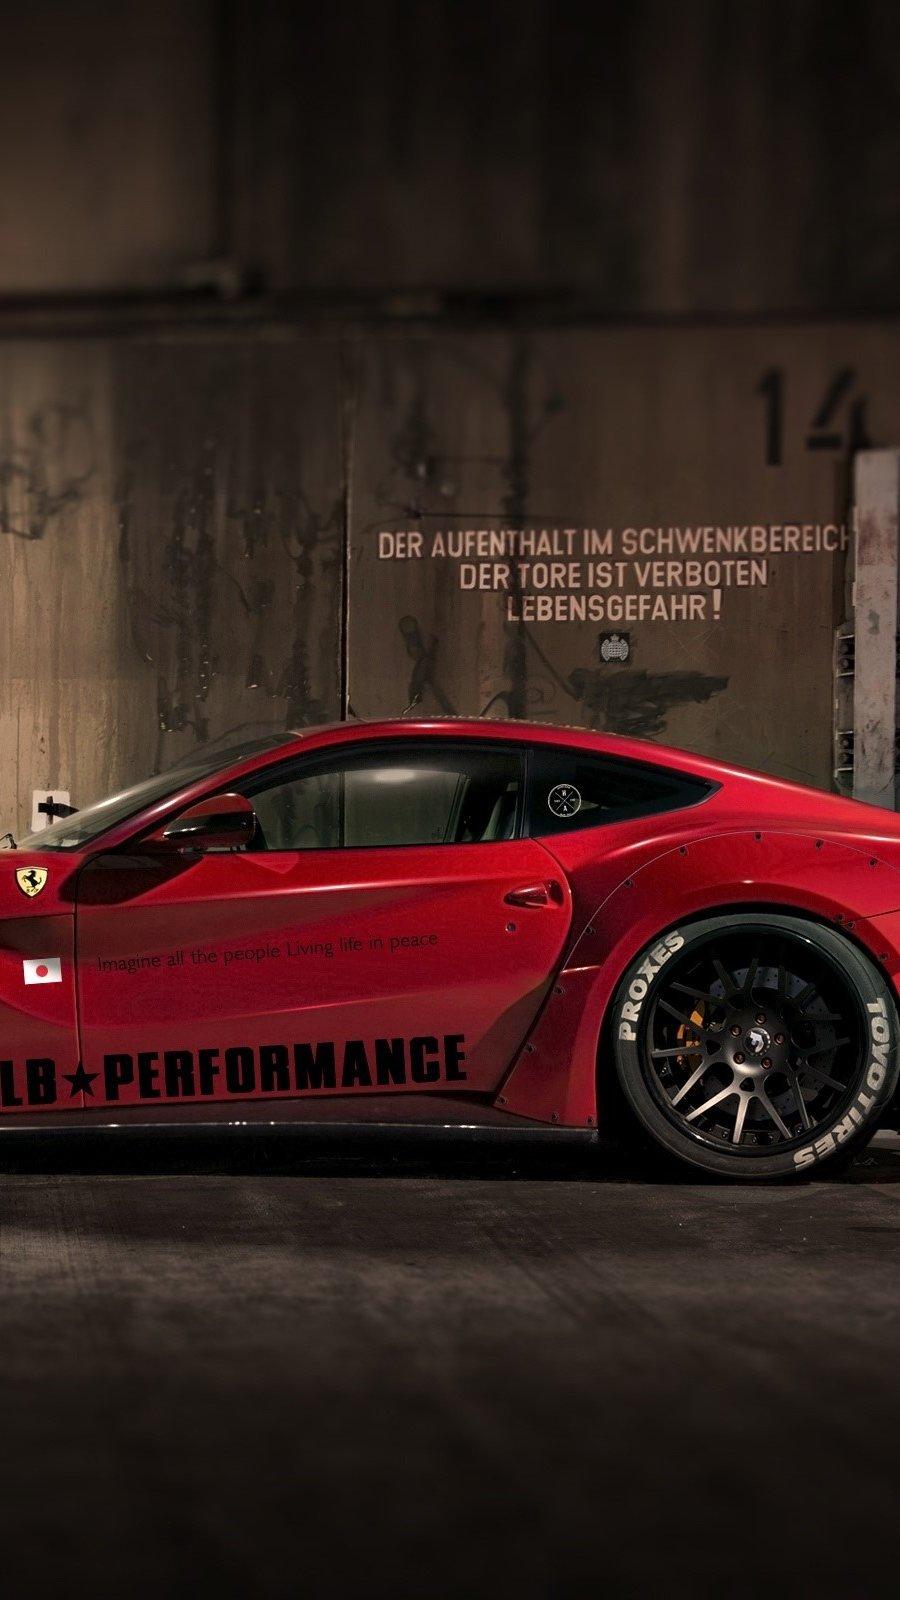 Fondos de pantalla LB performance Ferrari 458 Italia Vertical